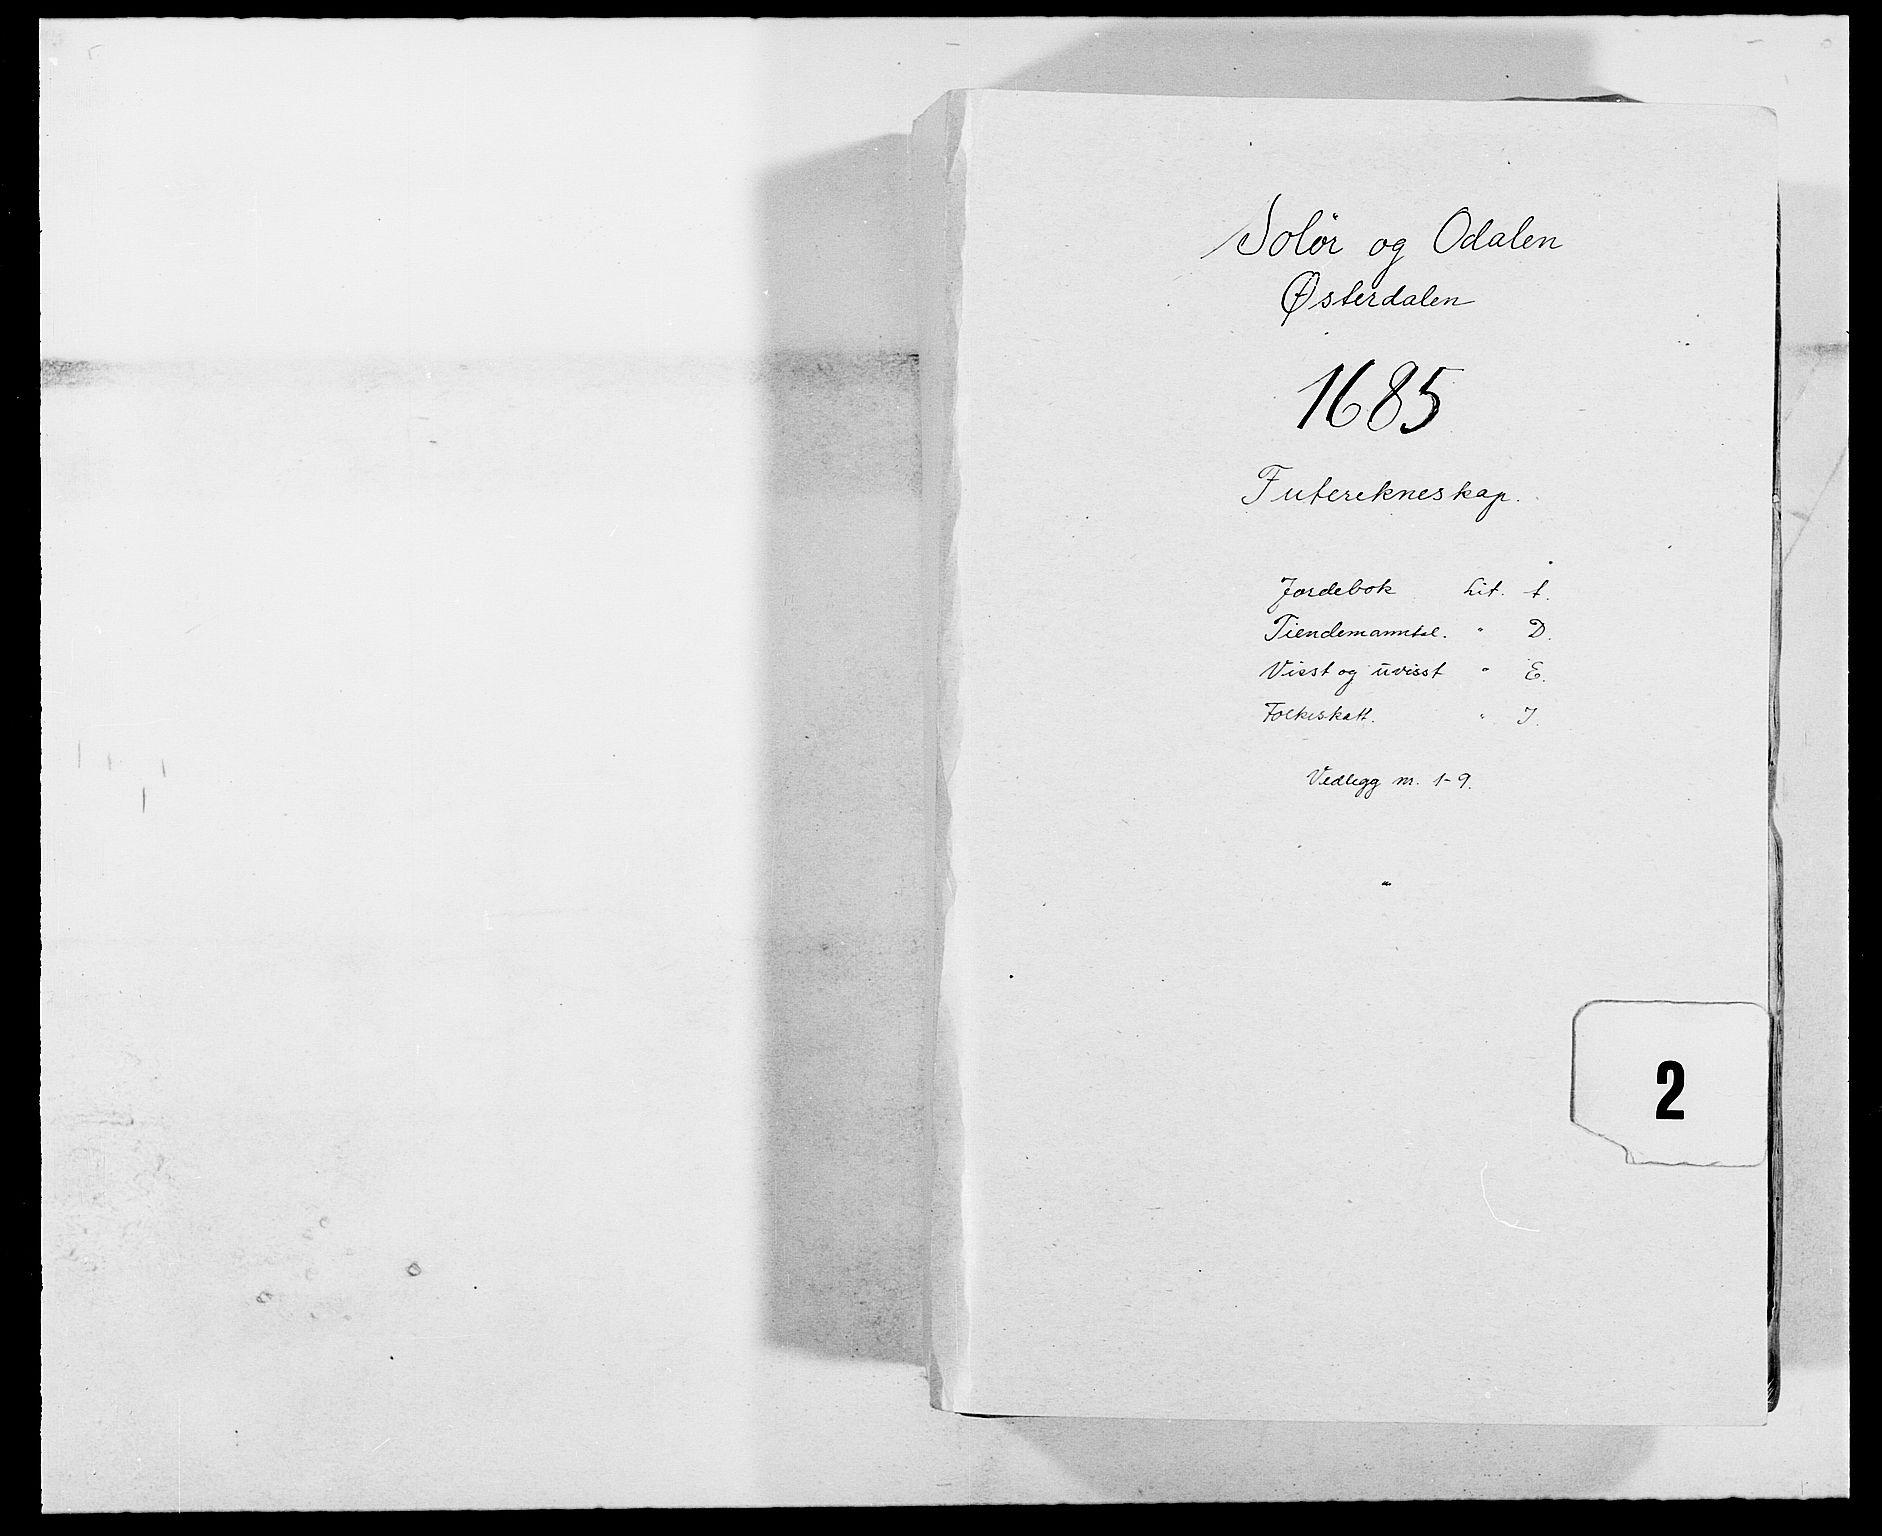 RA, Rentekammeret inntil 1814, Reviderte regnskaper, Fogderegnskap, R13/L0822: Fogderegnskap Solør, Odal og Østerdal, 1685, s. 1